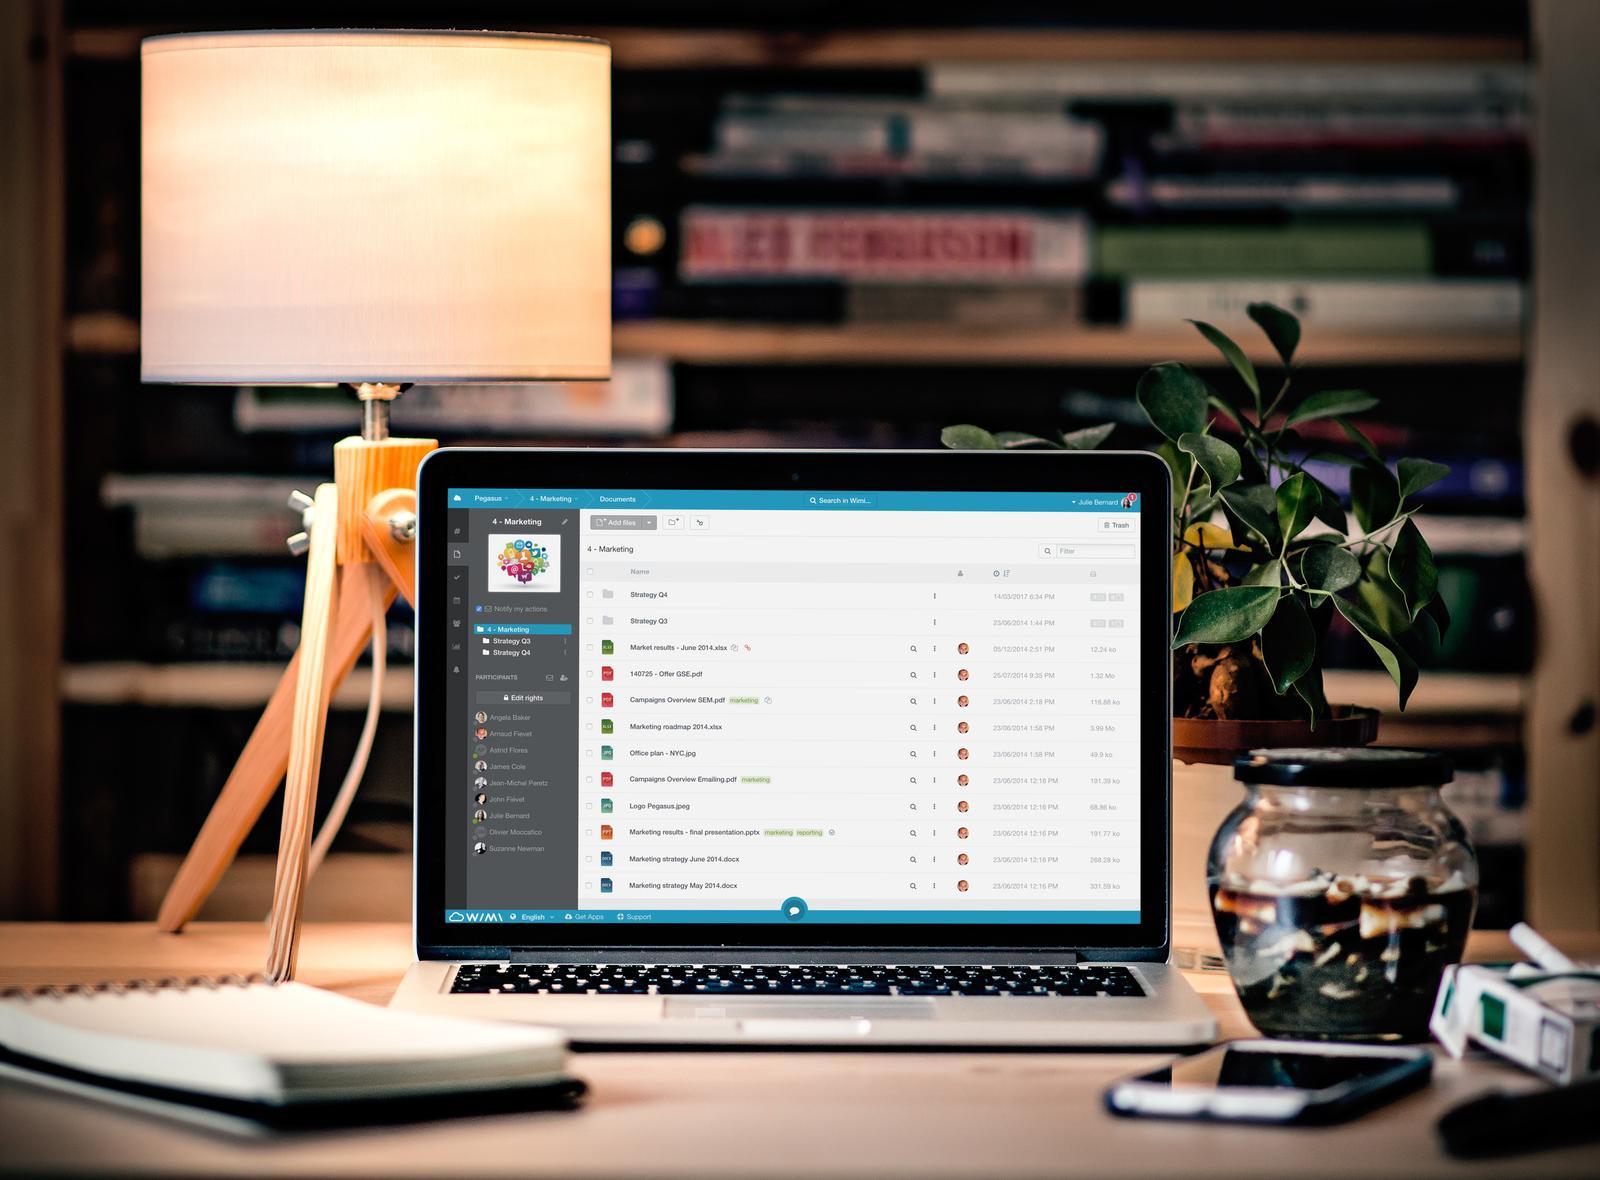 Recensioni Wimi: Strumento di team working e project management - appvizer